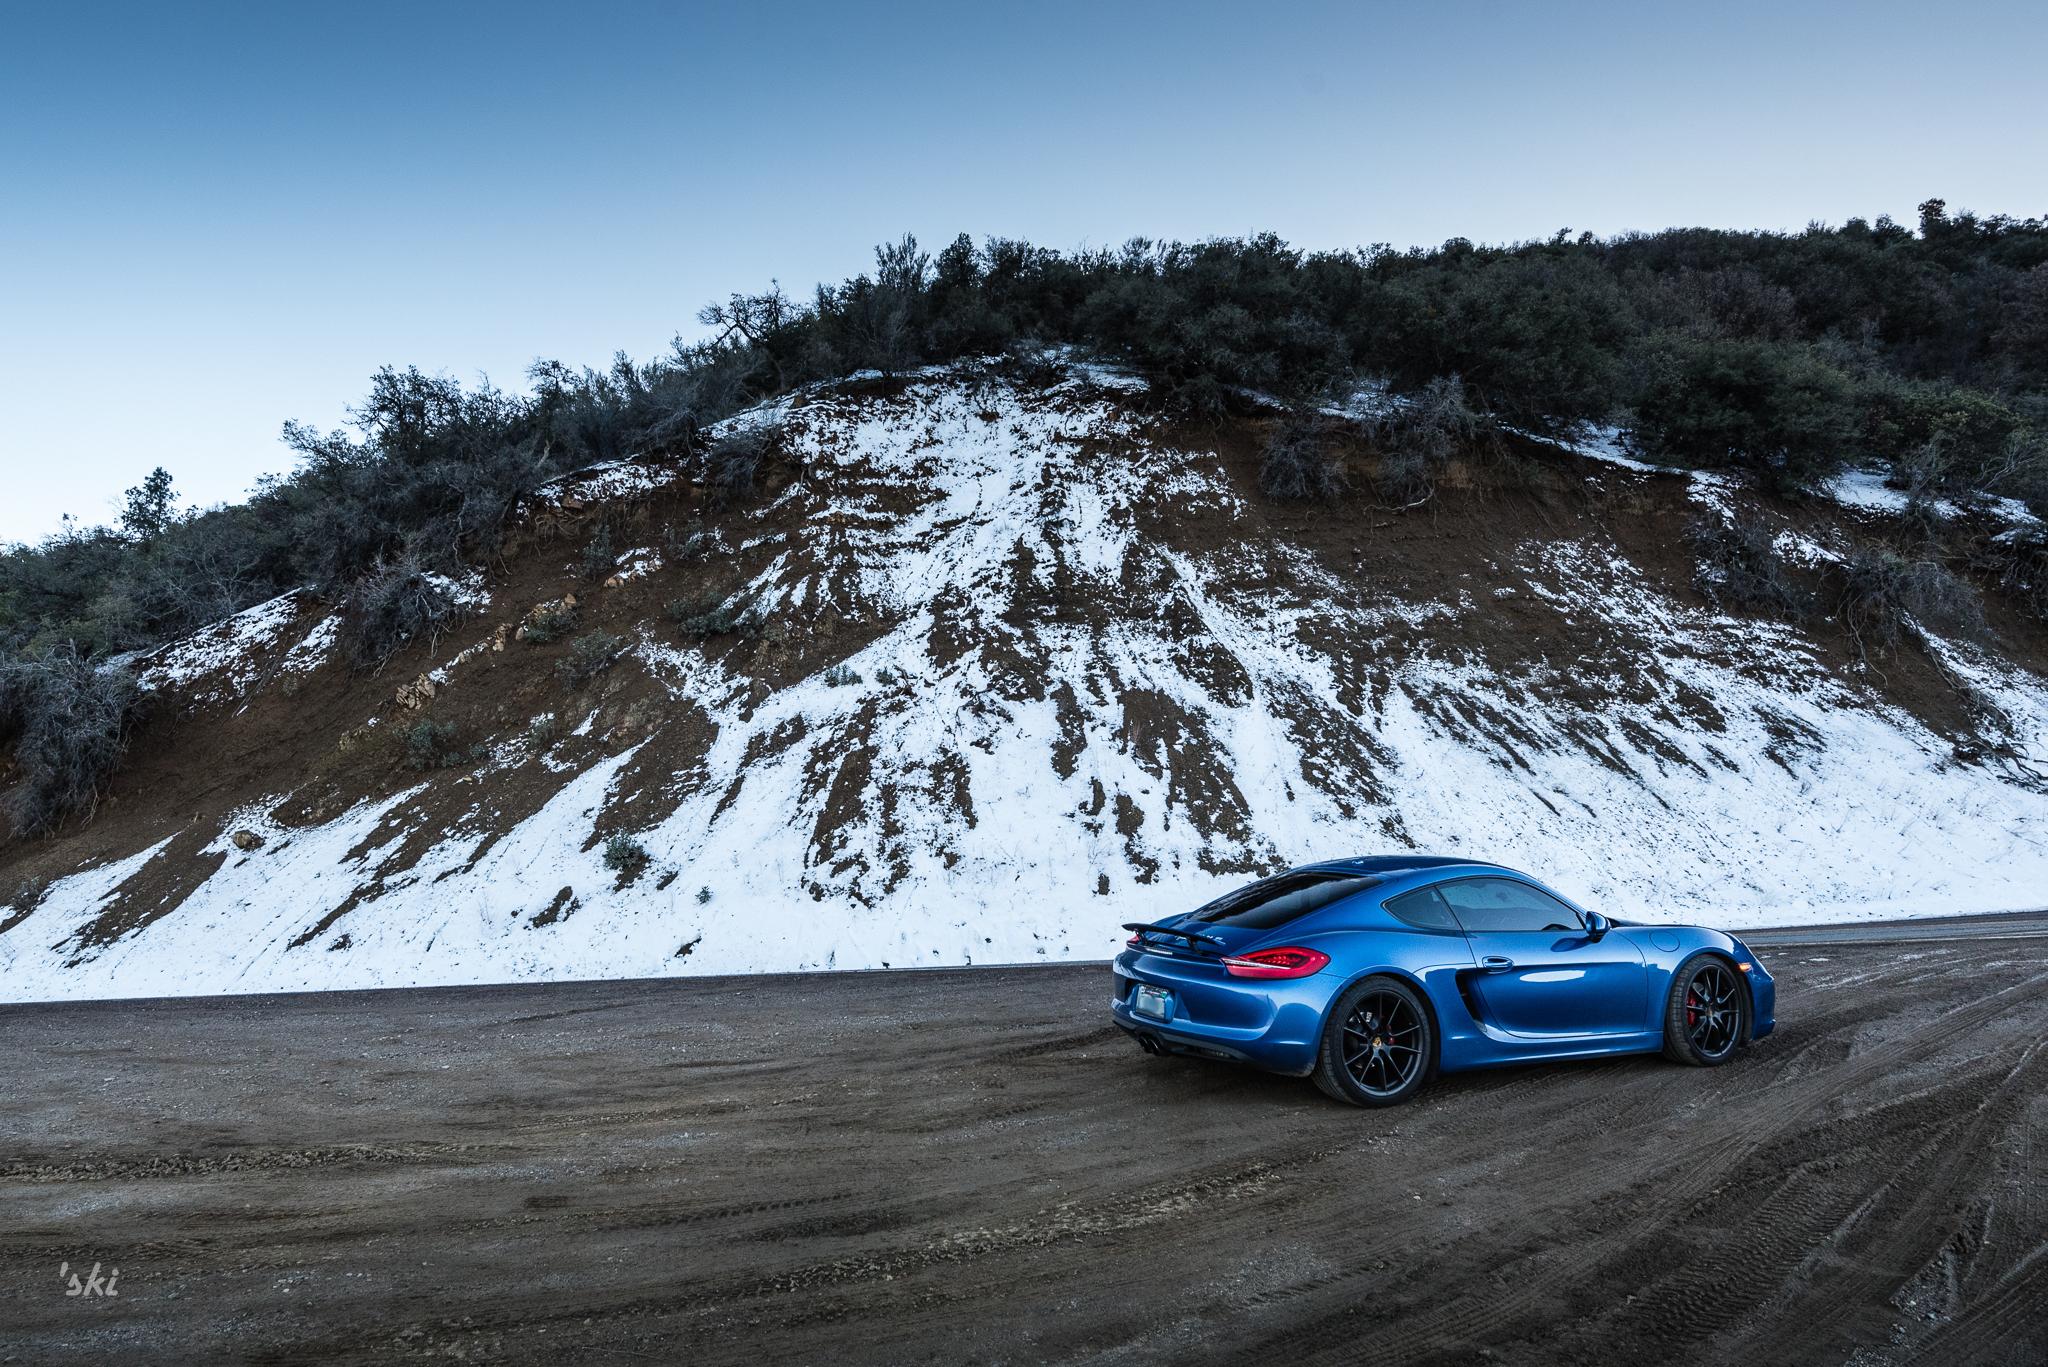 Sapphire Snow